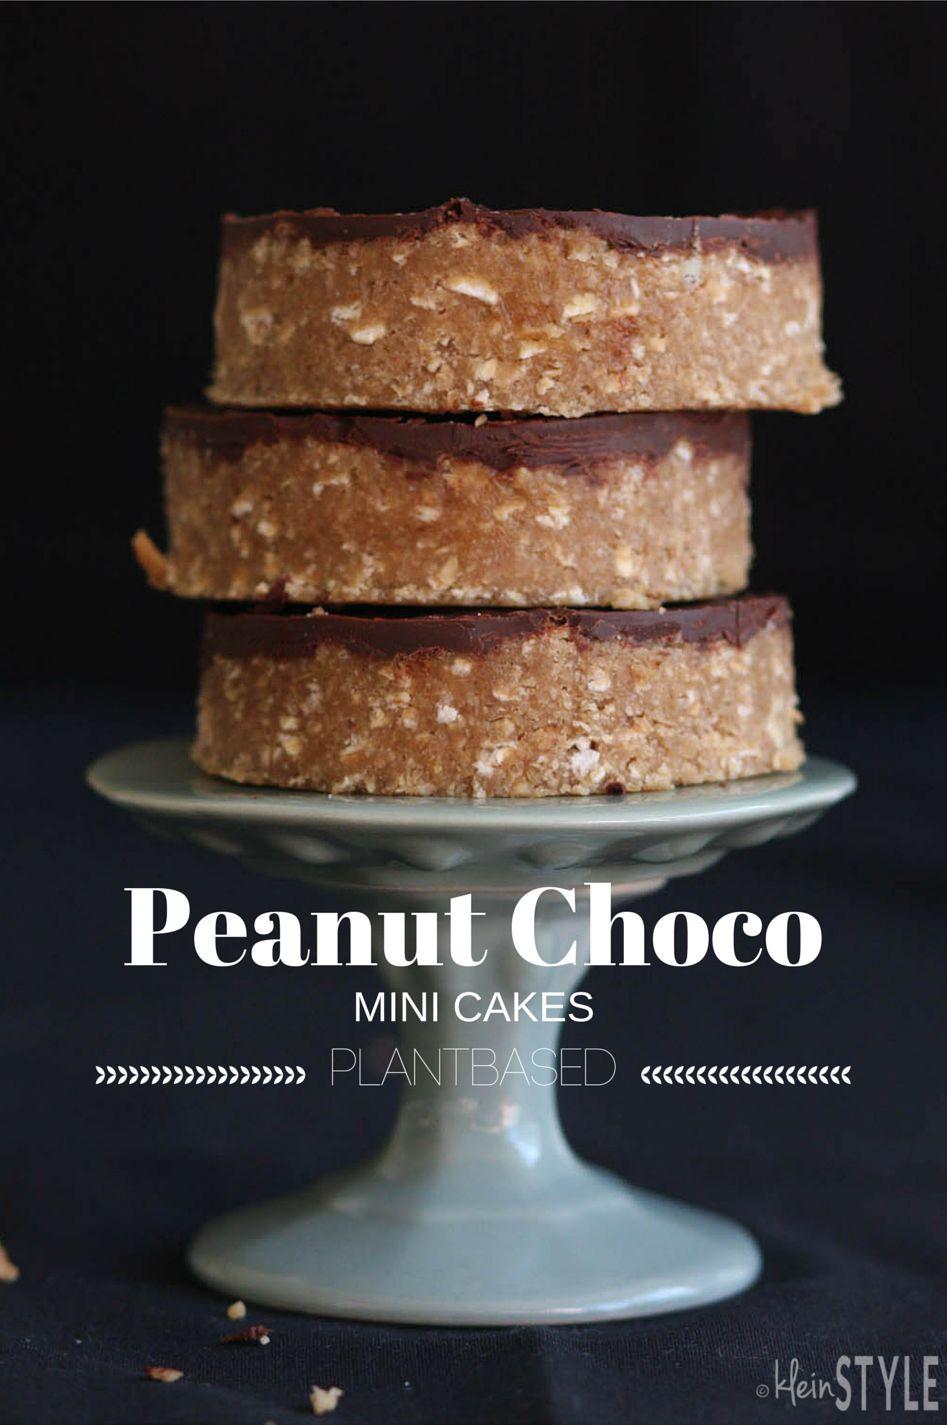 peanut choco mini cakes 06 pic ©kleisntyle.com